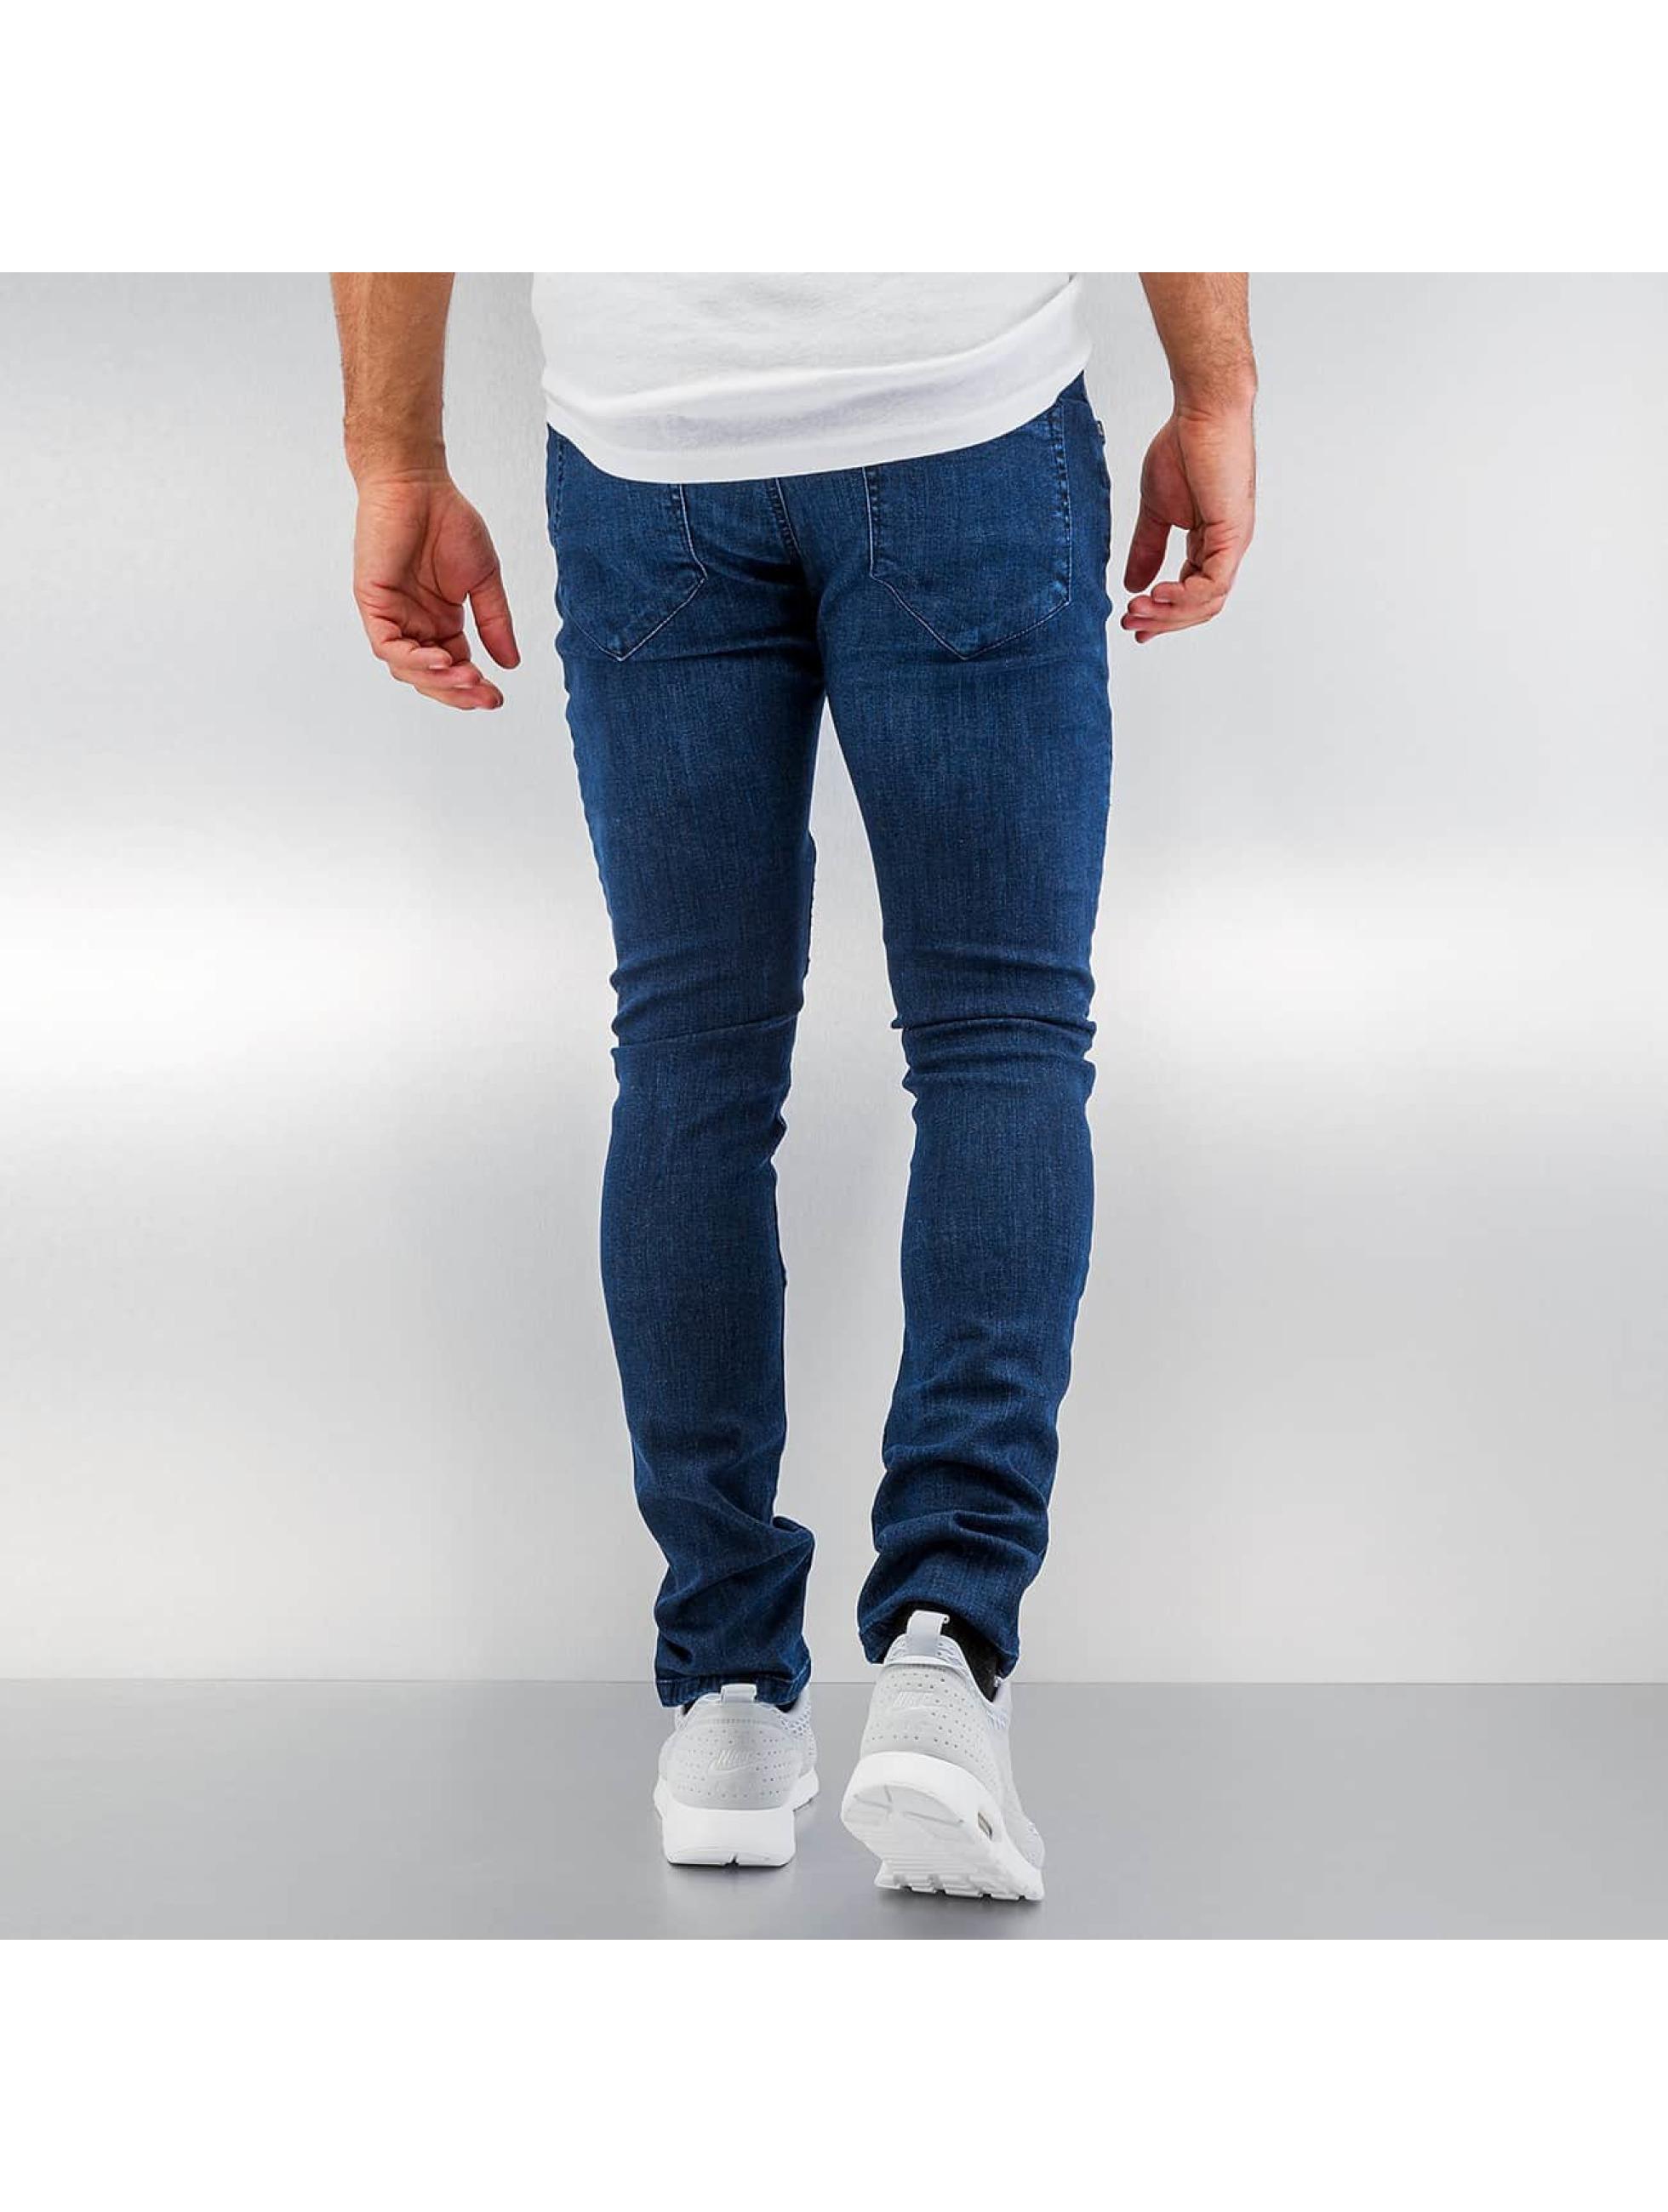 Urban Classics Skinny jeans Slim Fit Biker blauw